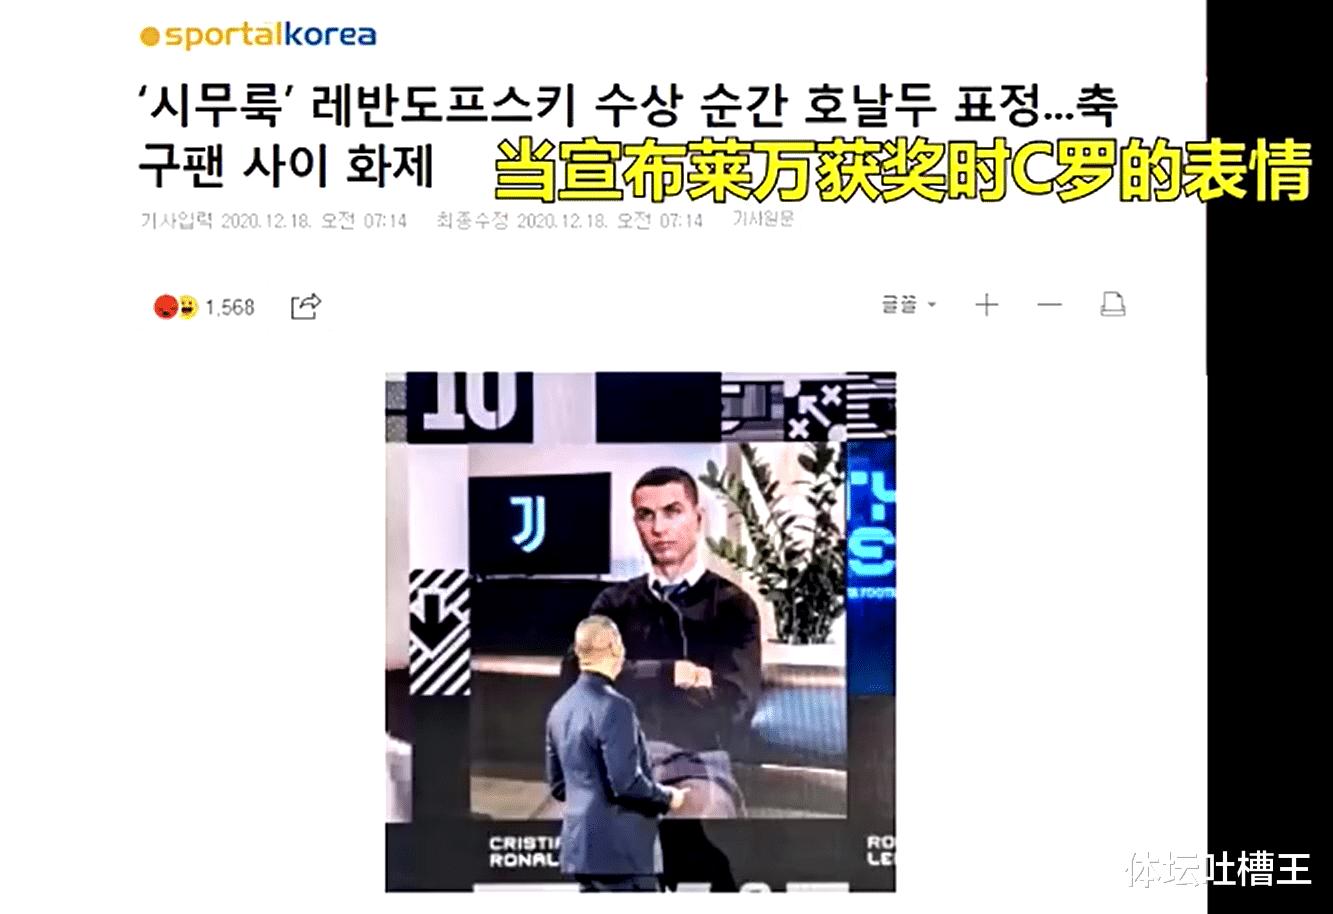 闹剧!梅西C罗互相投票暗战再起,韩媒造谣C罗发怒惨被打脸